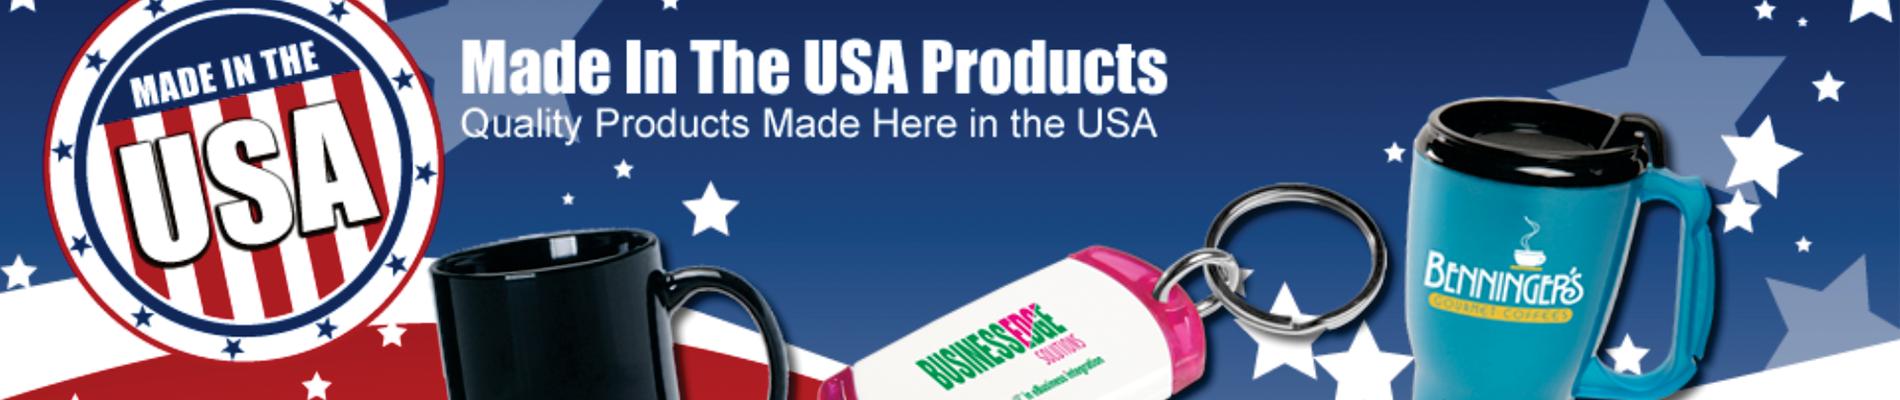 USA Union Made c4744612e007